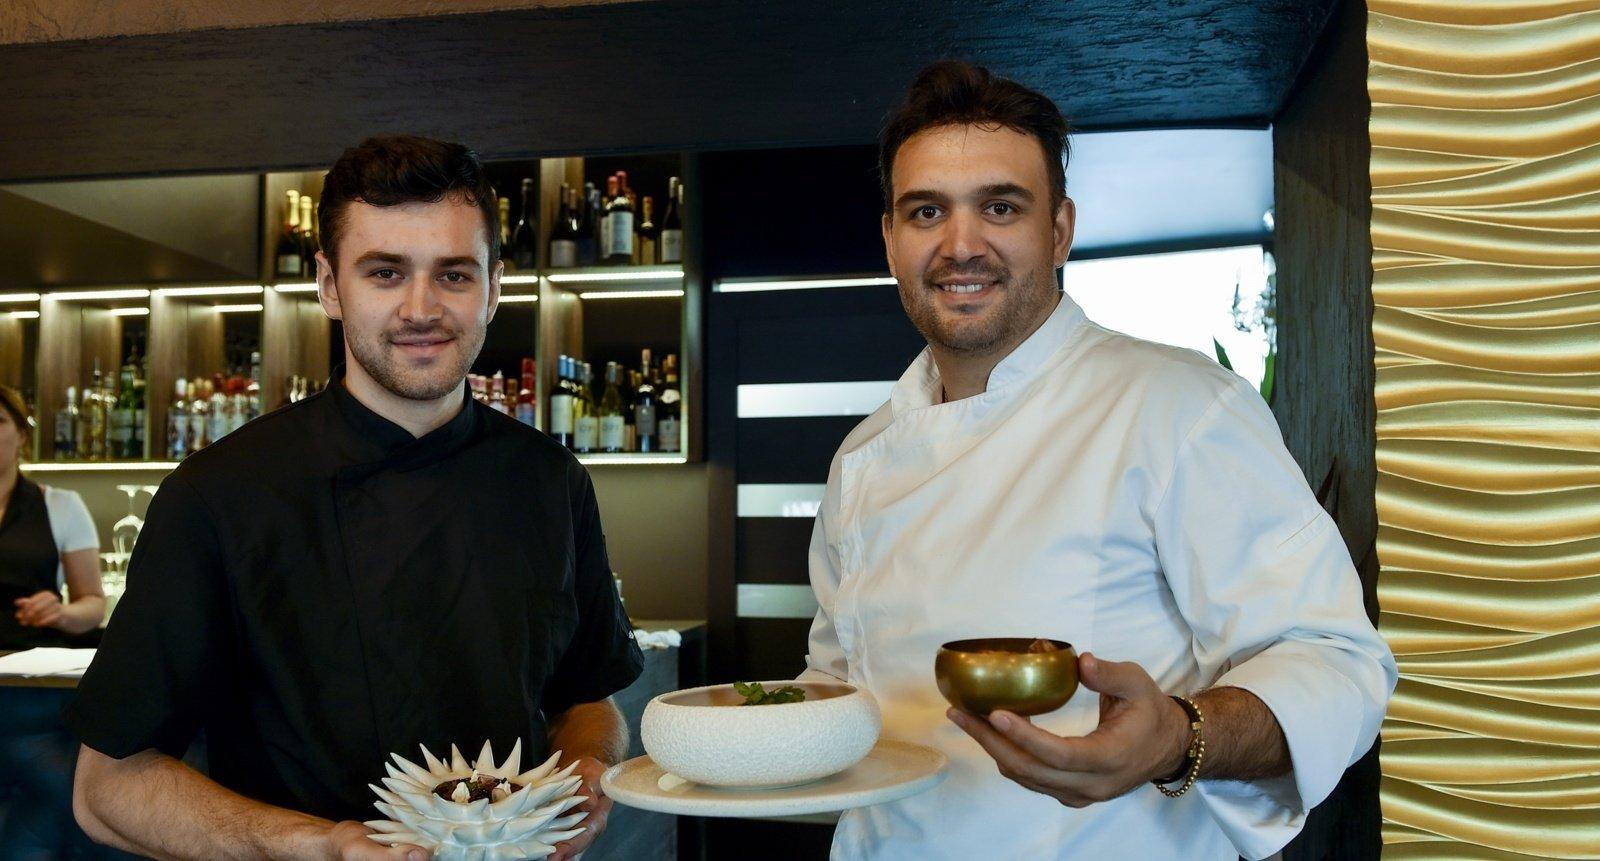 Pokalbis su Ištvanu Kviku: apie įkurtą restoraną, romų kultūrą ir stereotipus